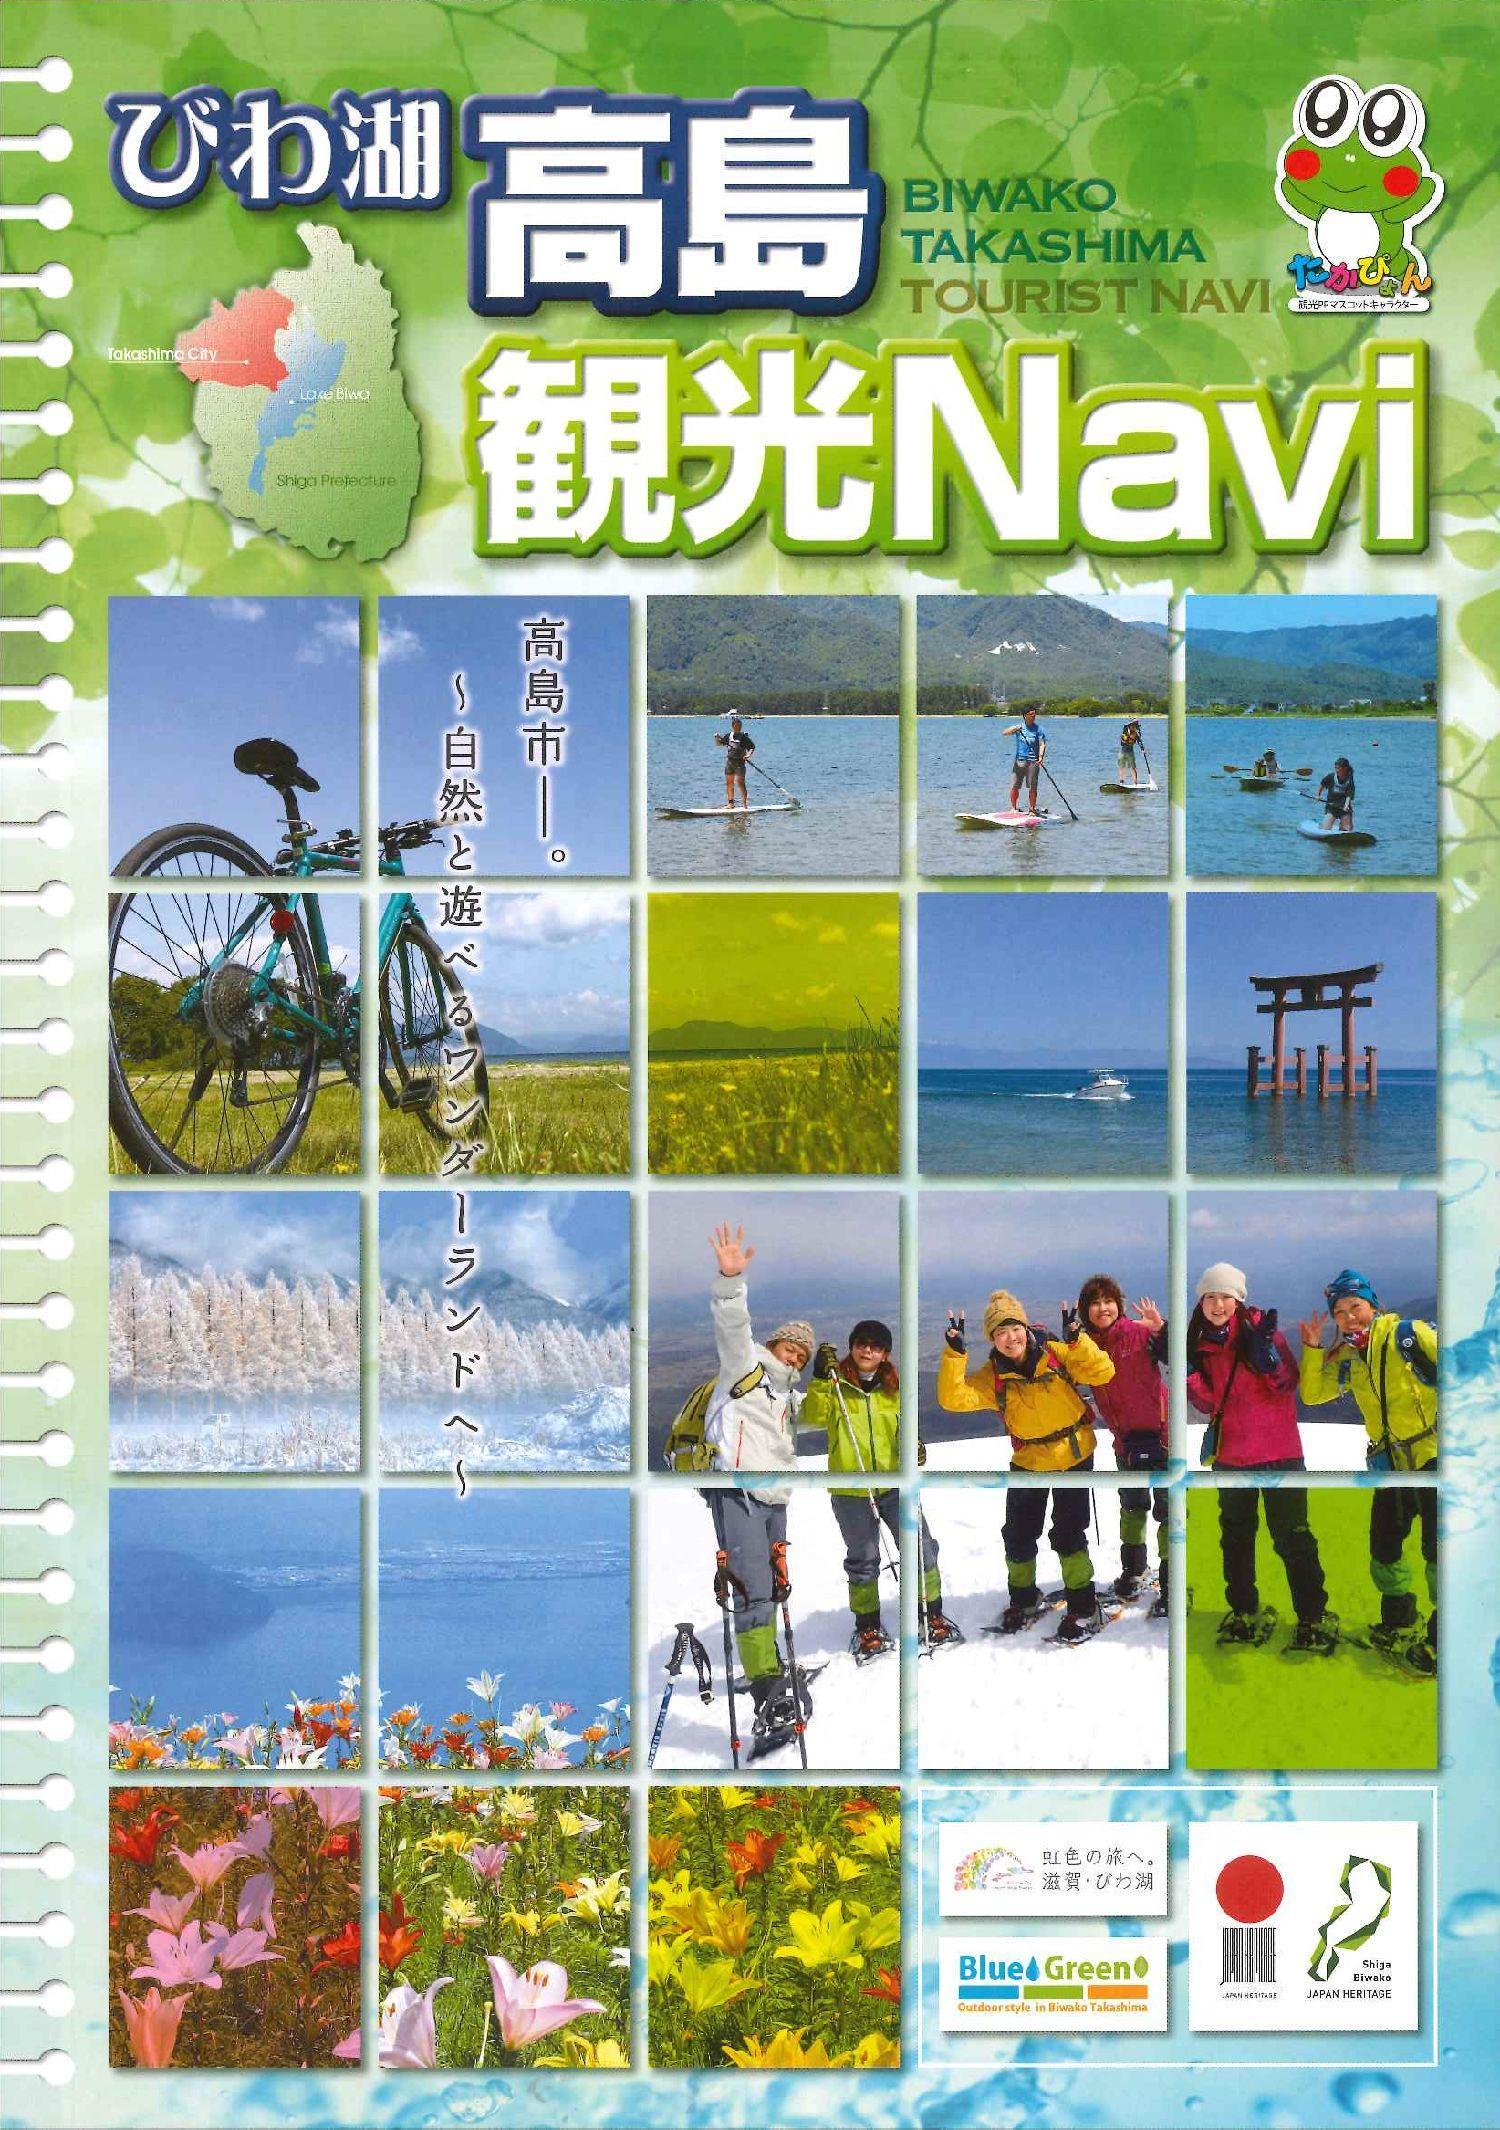 びわ湖高島観光Navi